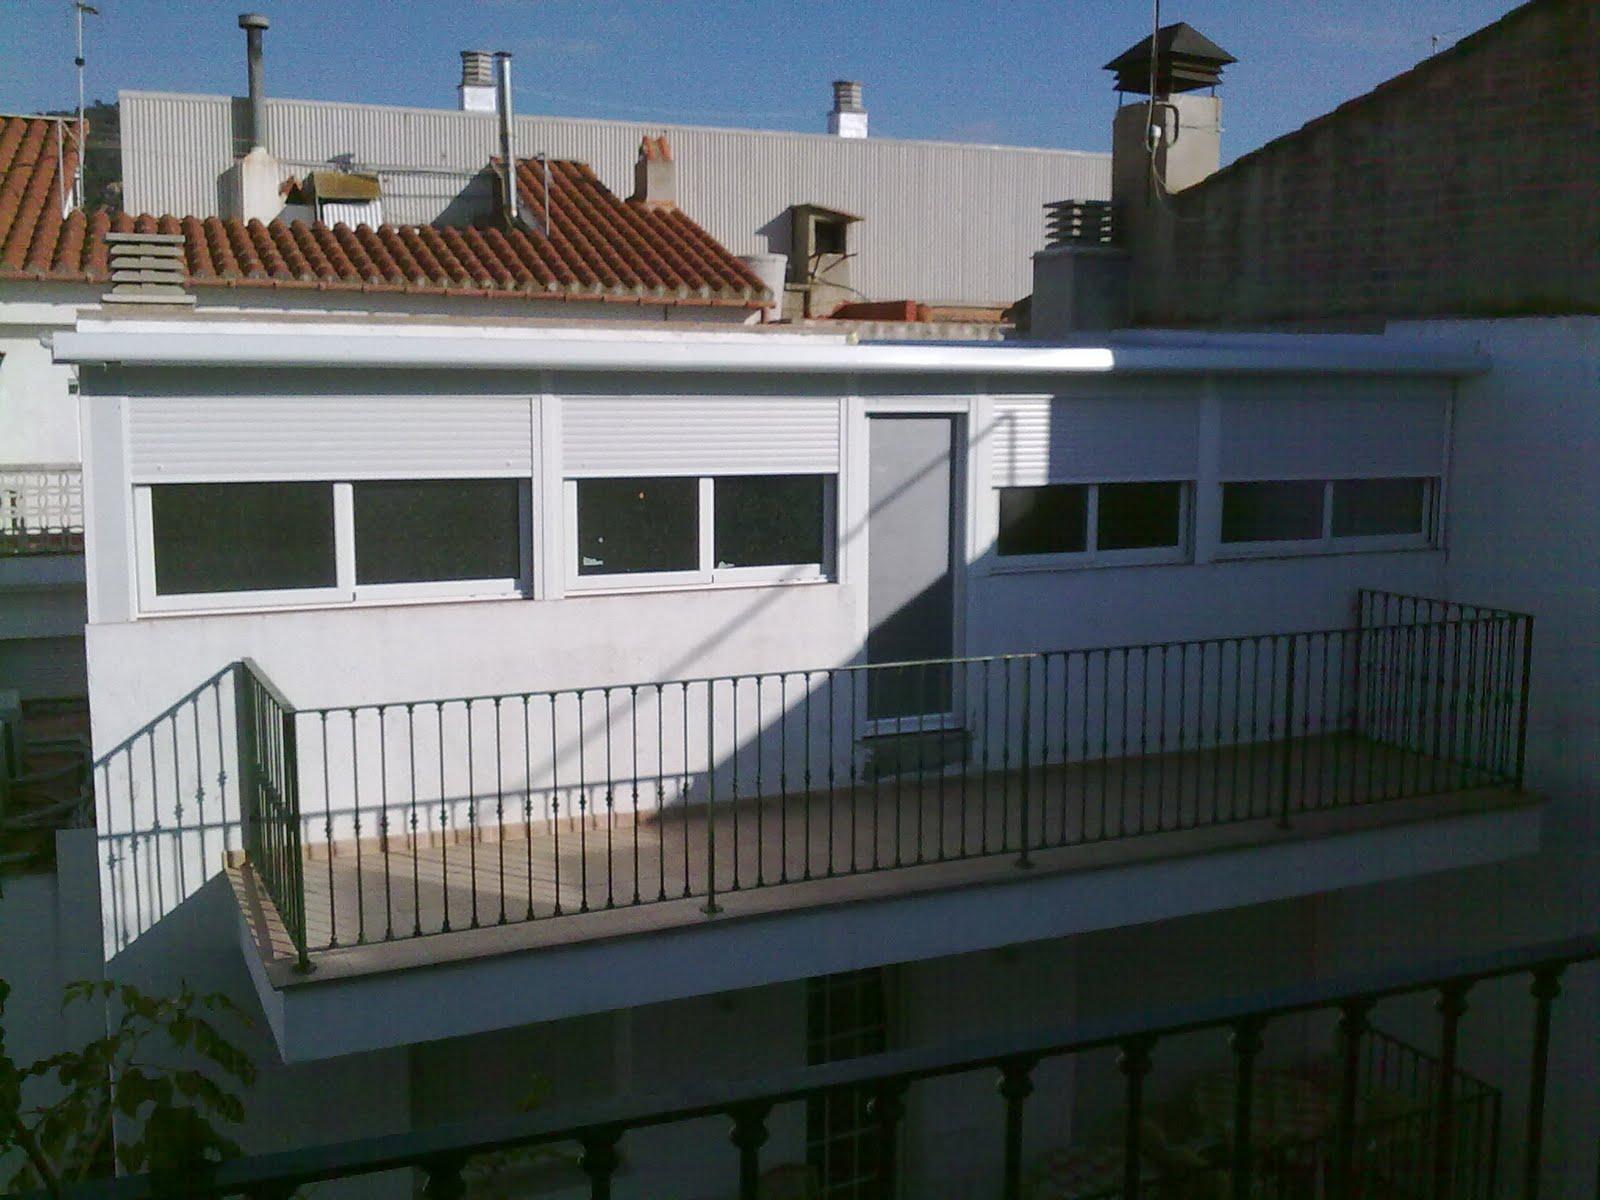 Puertas y venatanas de aluminio en girona cierre - Cierres de aluminio para terrazas ...